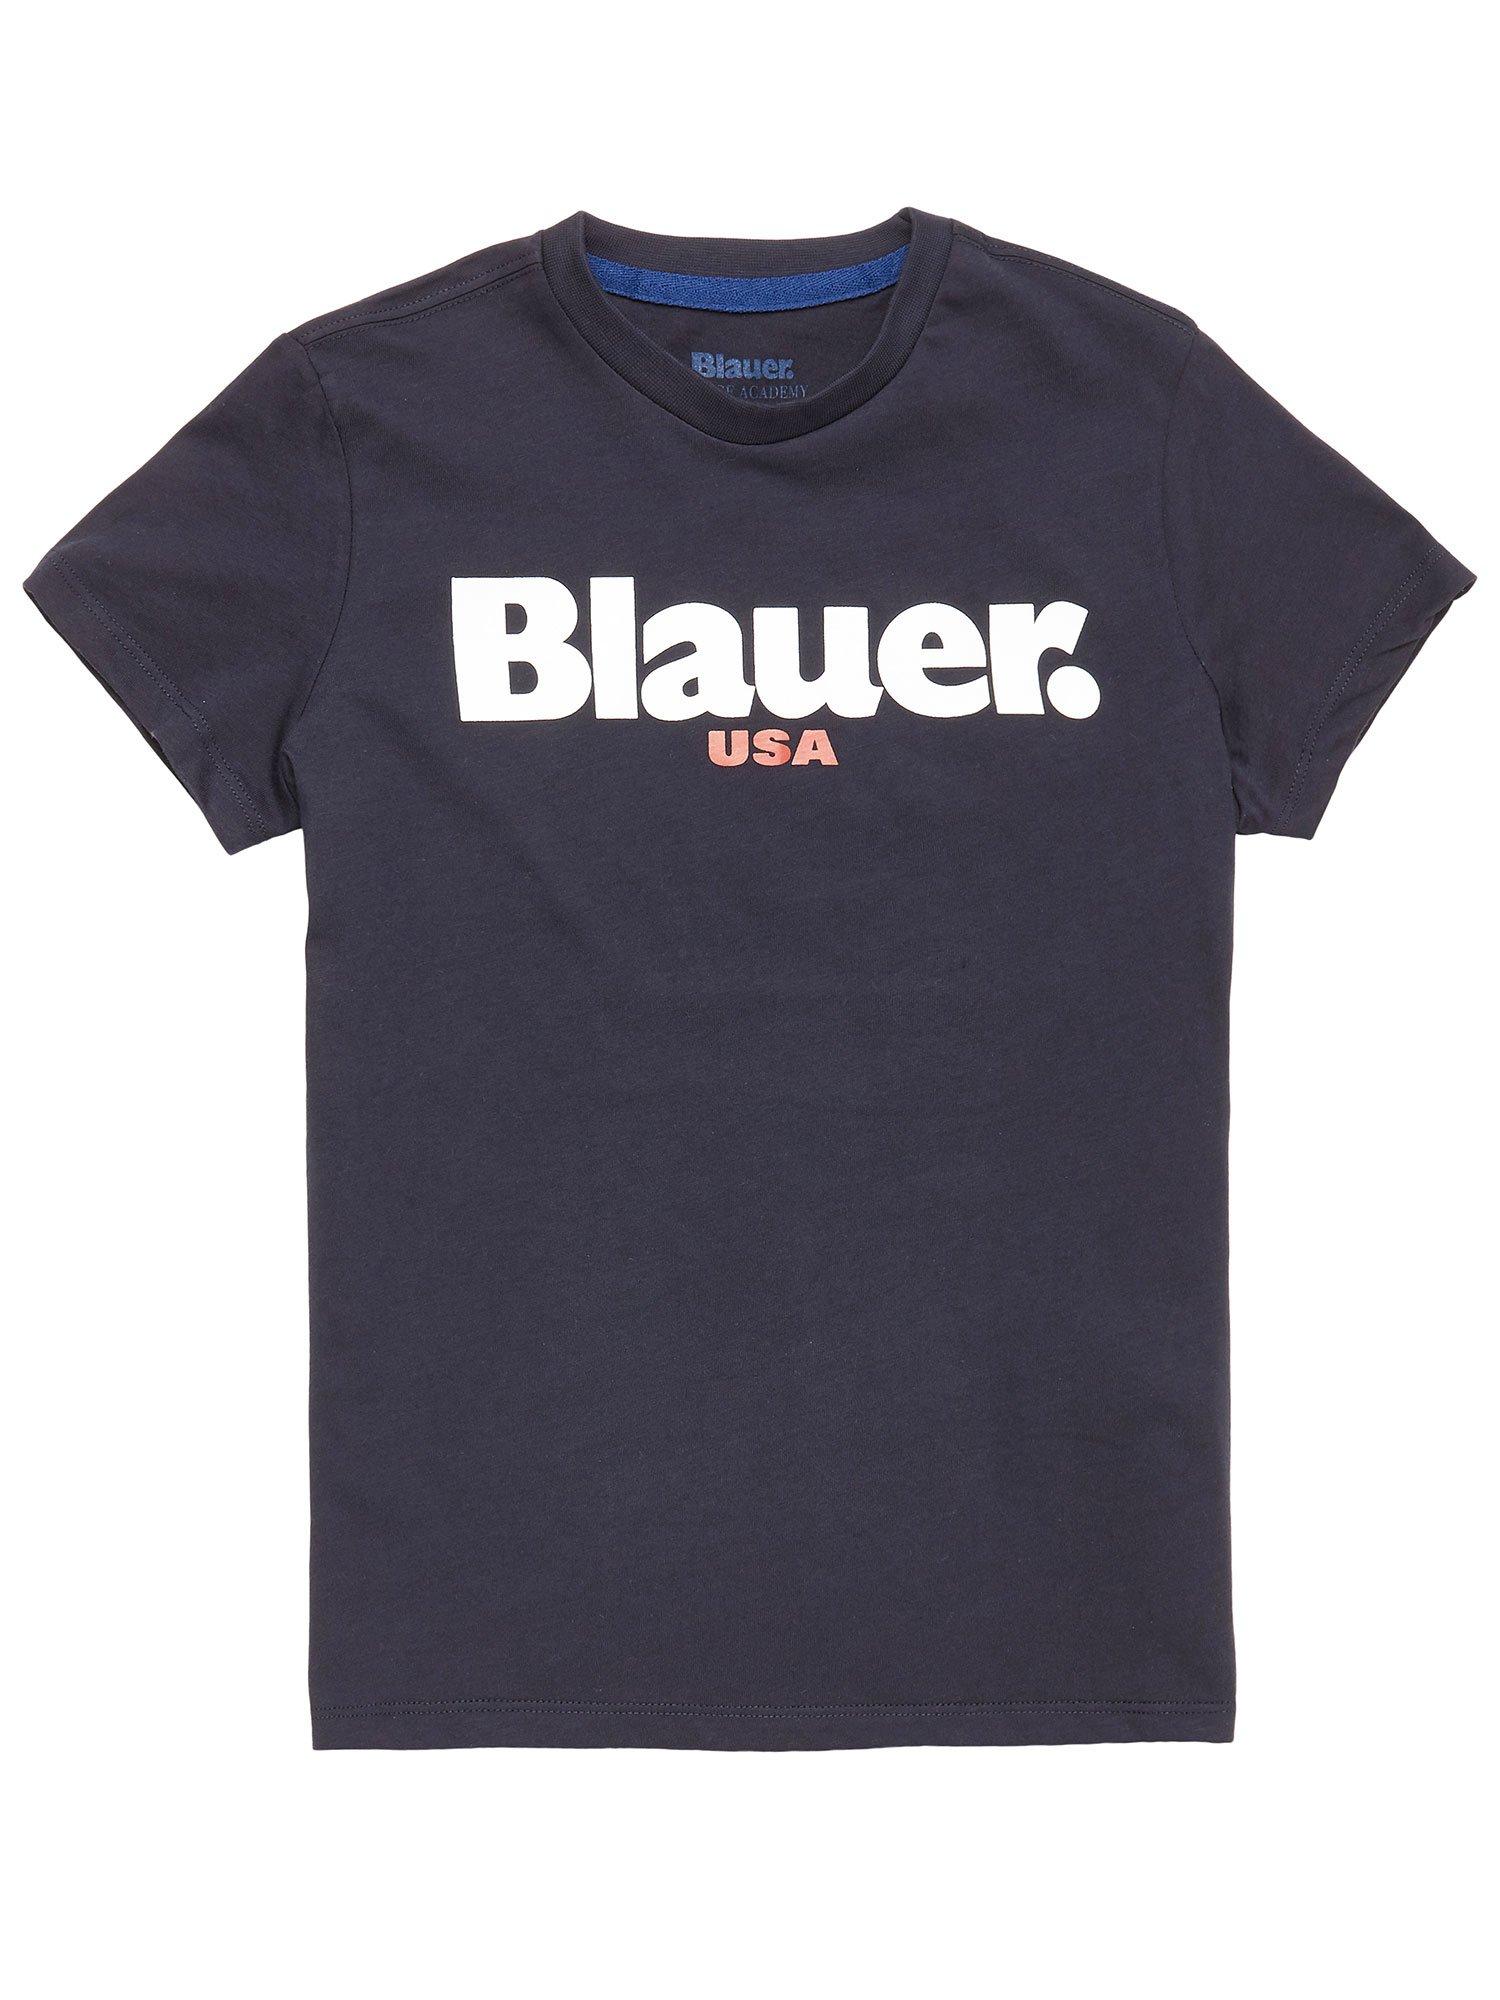 Blauer - KID'S BLAUER USA T-SHIRT - Dark Night Blue - Blauer